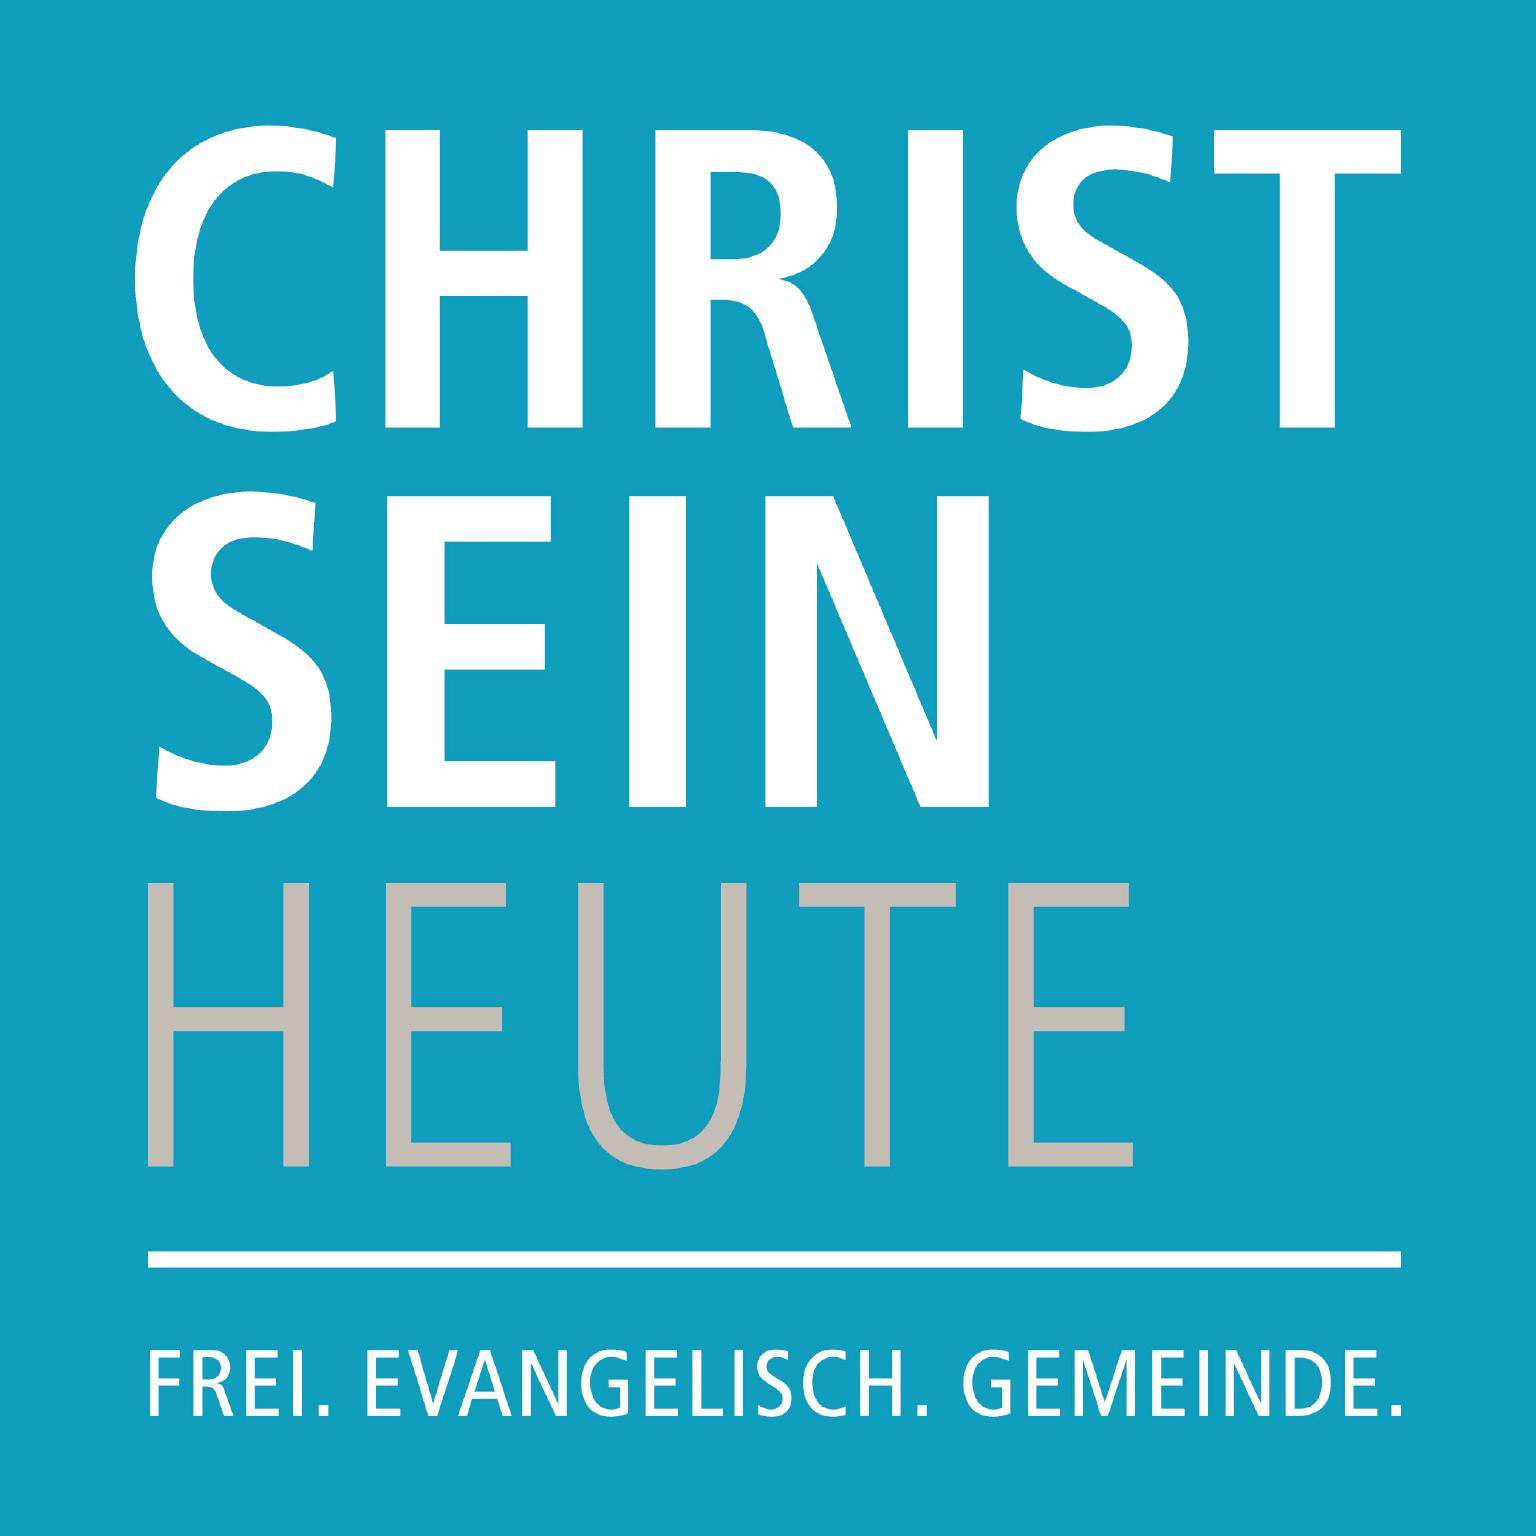 Christ Sein Heute